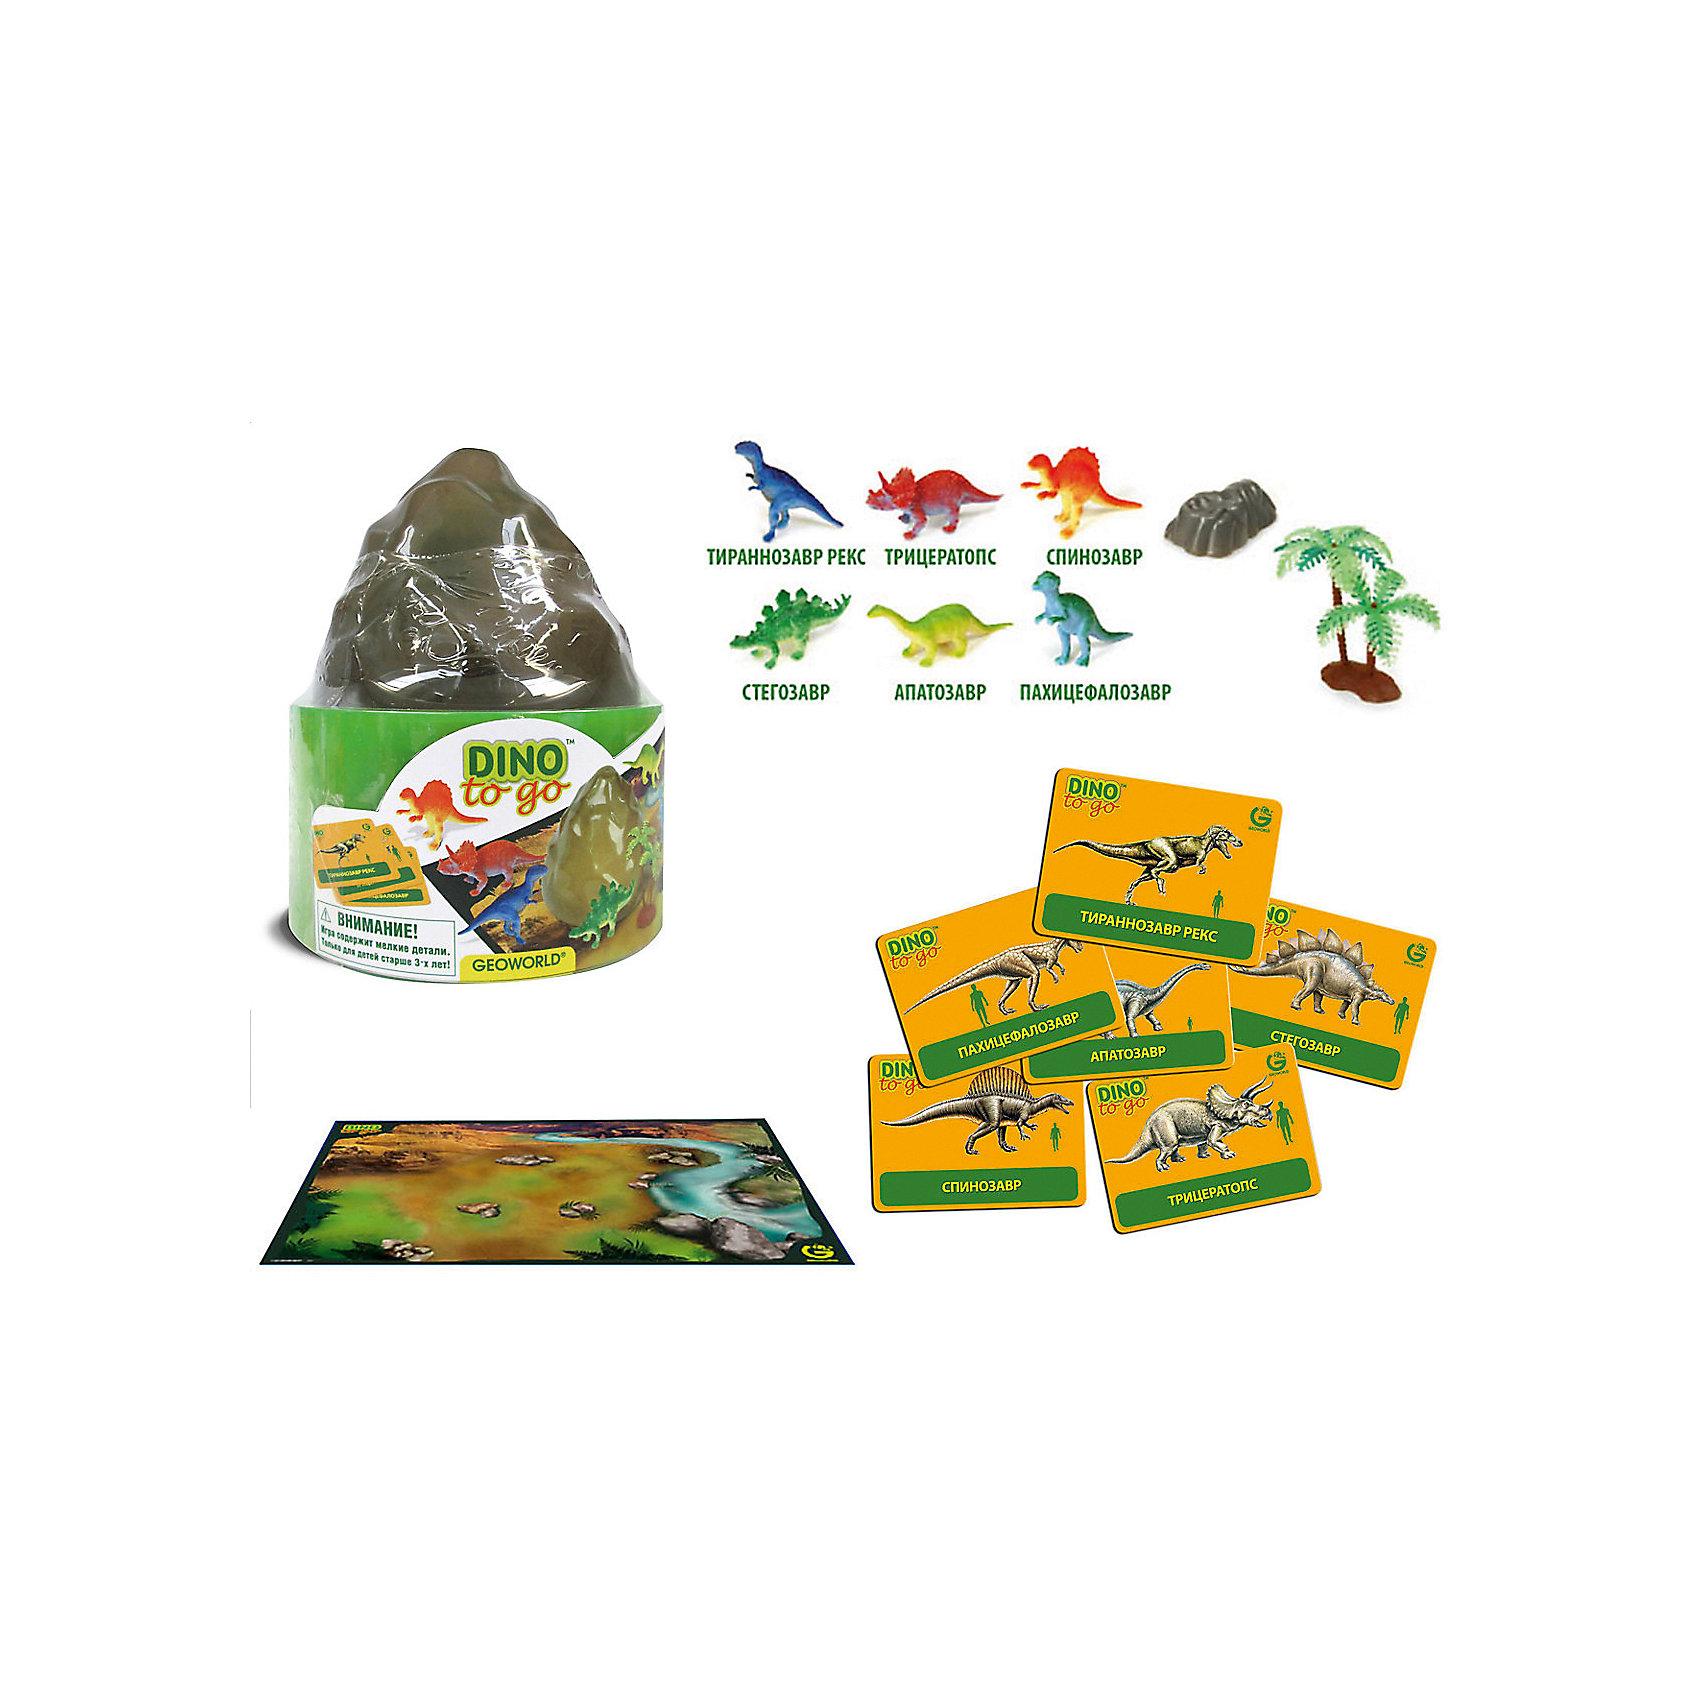 """Игровой набор """"Путешествуй и Играй! Dino to Go""""Динозавры и драконы<br>Игровой набор """"Путешествуй и Играй! Dino to Go"""".<br><br>Характеристики:<br><br>• В наборе: 6 игровых фигурок динозавров, 1 скала, 1 дерево, 6 карточек, игровое поле – постер<br>• Размер фигурок: 5 см.<br>• Размер постера: 59х42 см.<br>• Материал: пластик, картон<br>• Размер упаковки: 12,5x12,5x15 см.<br><br>С научно-познавательным игровым набором """"Путешествуй и Играй! Dino to Go"""" ваш ребенок «воссоздаст» доисторический мир и «поселит» на его просторах древних ящеров. Набор включает в себя 6 фигурок динозавров, которые раскрашены вручную. Фигурки выполнены с высокой степенью научной достоверности, в соответствии с современными взглядами палеонтологии. <br><br>Животным, входящим в набор, соответствуют карточки с научной информацией о каждом из них. В наборе также есть большой постер с изображением доисторического ландшафта, пластиковая скала и дерево. Набор изготовлен из высококачественных материалов, которые абсолютно безопасны для ребенка.<br><br>Игровой набор """"Путешествуй и Играй! Dino to Go"""" можно купить в нашем интернет-магазине.<br><br>Ширина мм: 125<br>Глубина мм: 125<br>Высота мм: 150<br>Вес г: 204<br>Возраст от месяцев: 48<br>Возраст до месяцев: 48<br>Пол: Женский<br>Возраст: Детский<br>SKU: 5490343"""